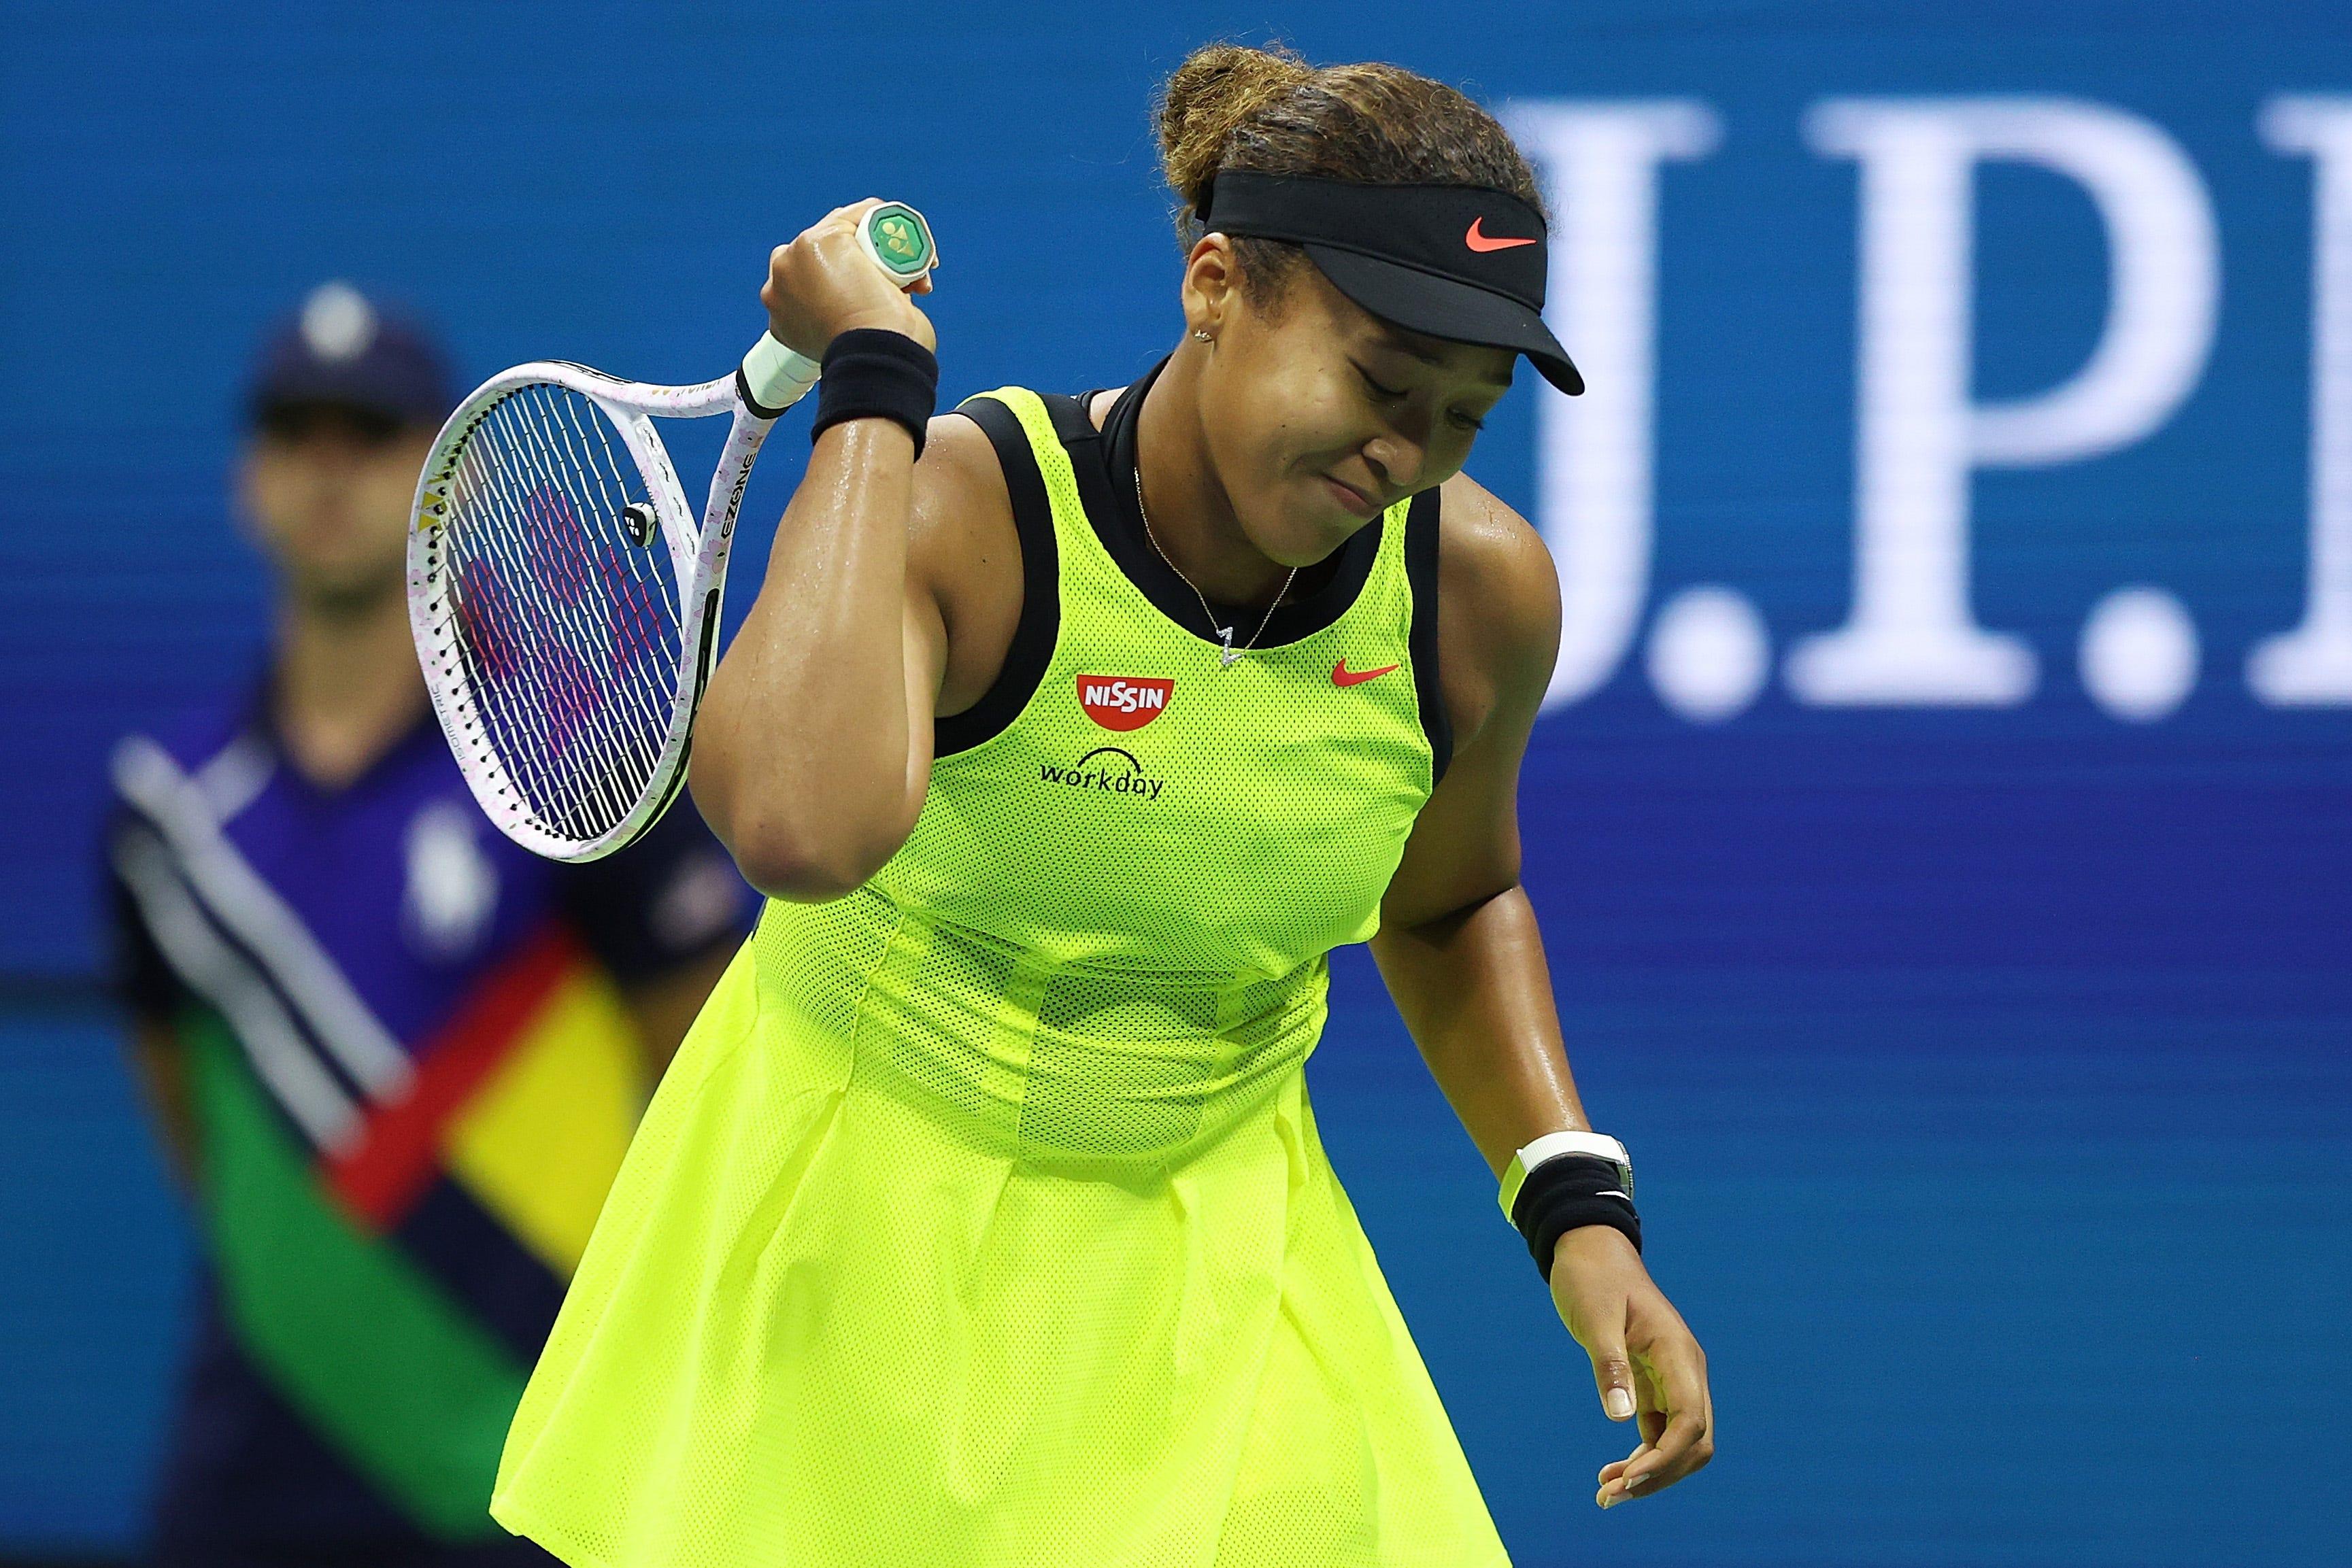 Naomi Osaka slams racket several times, screams and leaves court in three-set loss